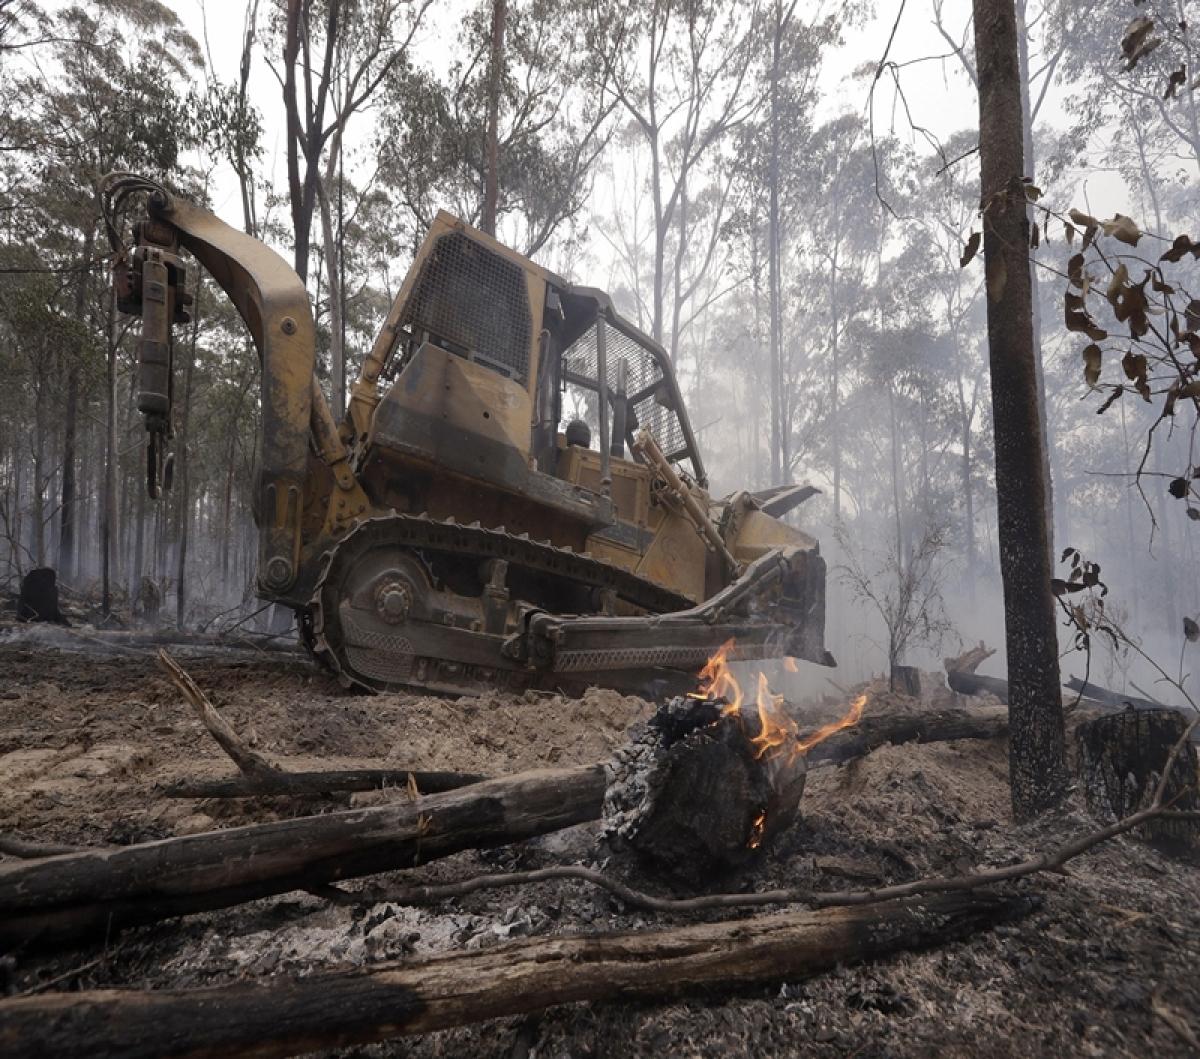 Australia's largest 'megablaze' brought under control: Fire Service commissioner